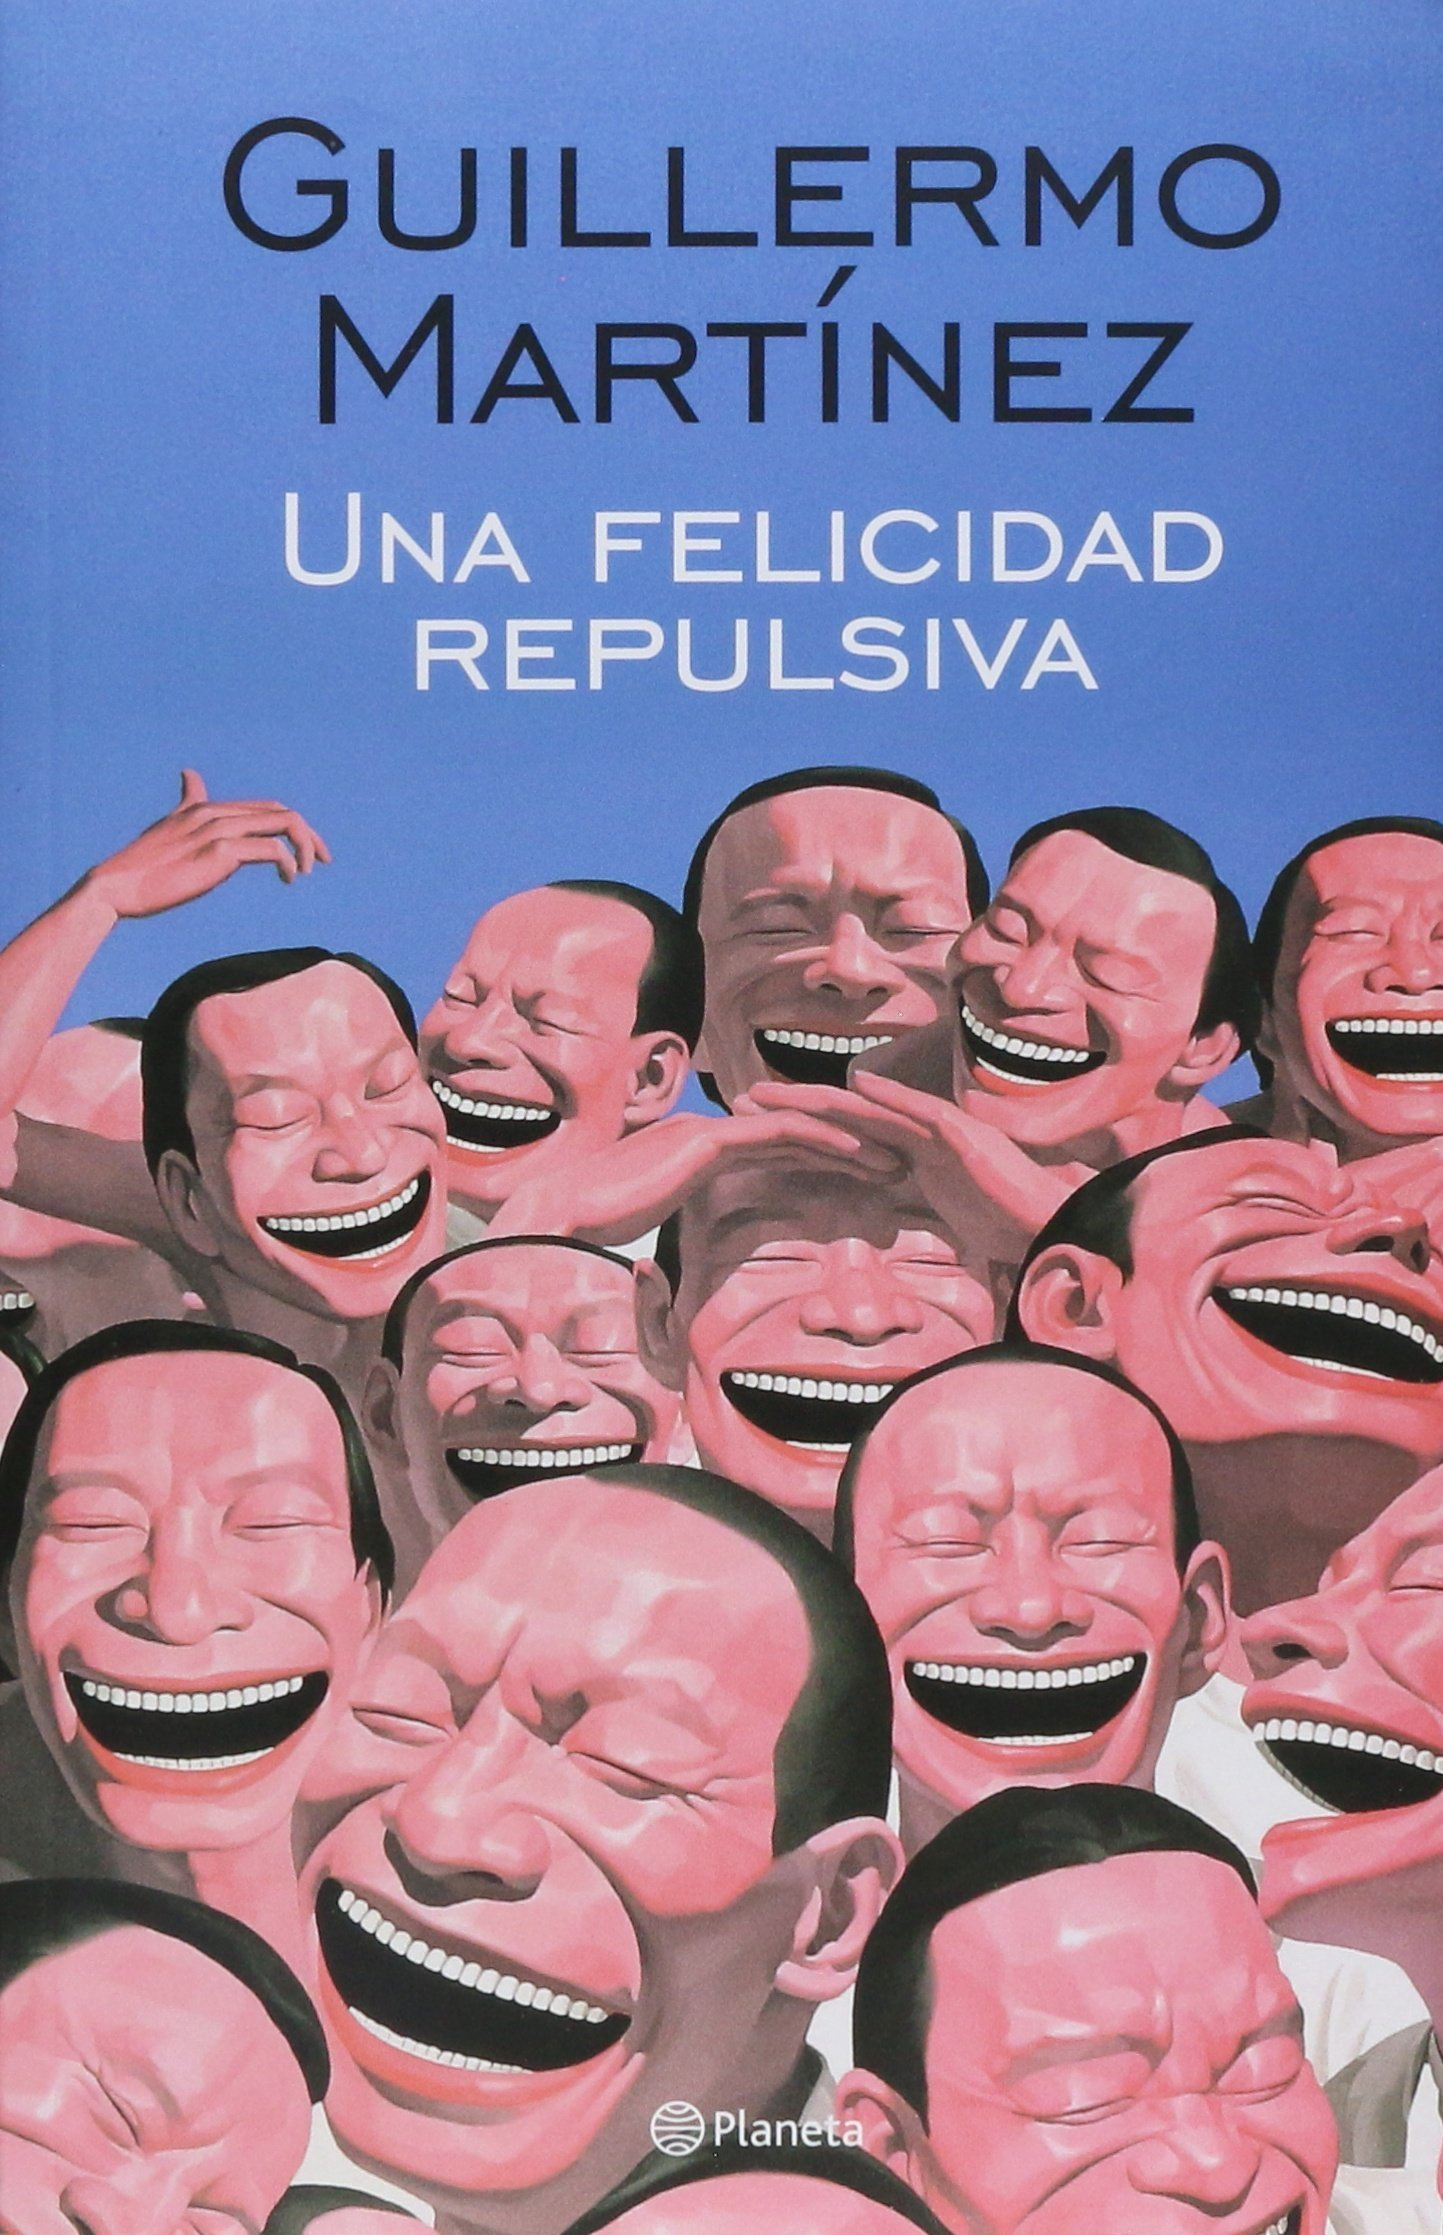 Una Felicidad Repulsiva: Guillermo Martínez: 9789504935537: Amazon:  Books